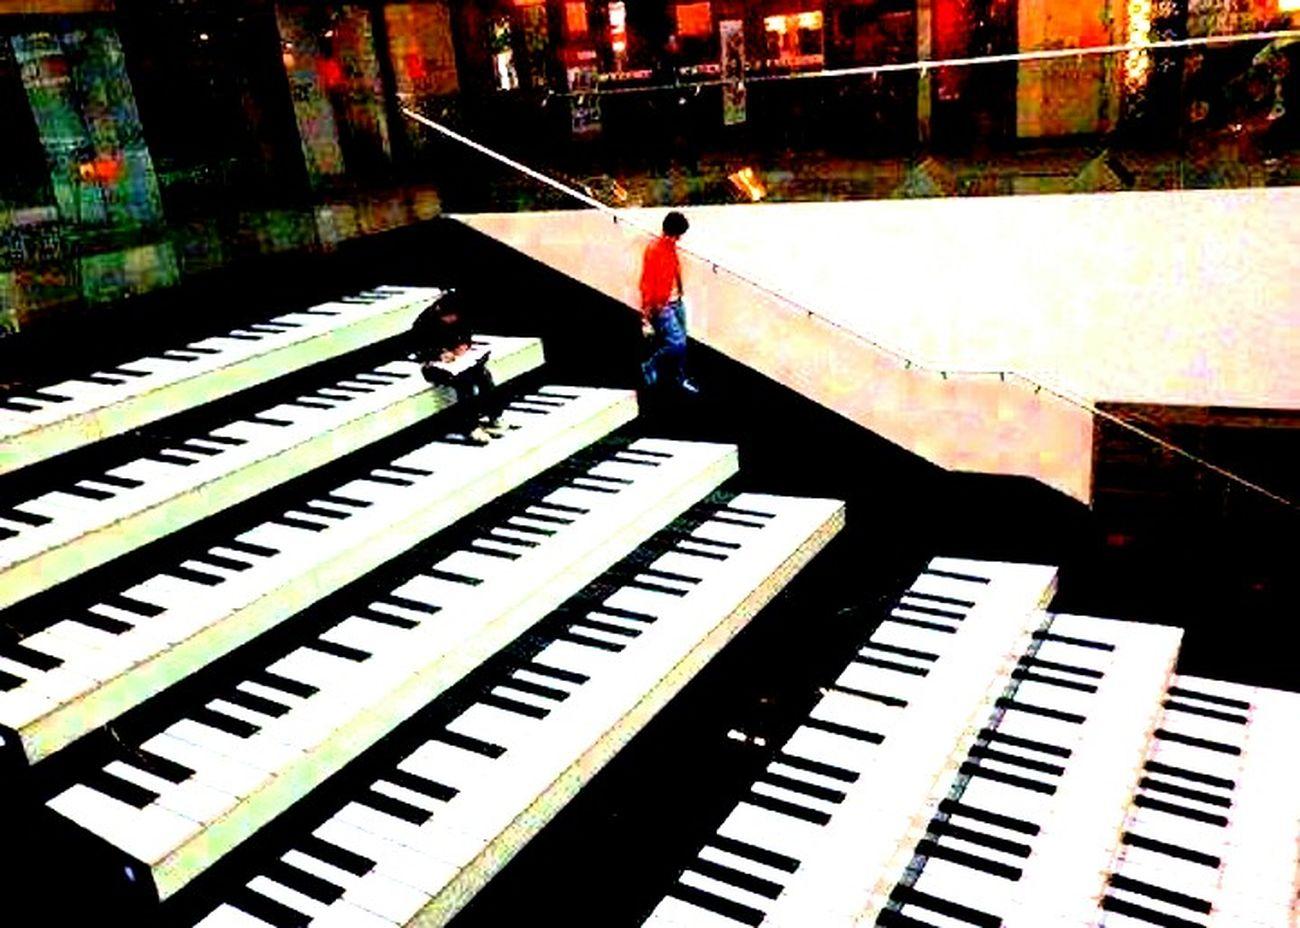 Piano Teclado Escada Degraus